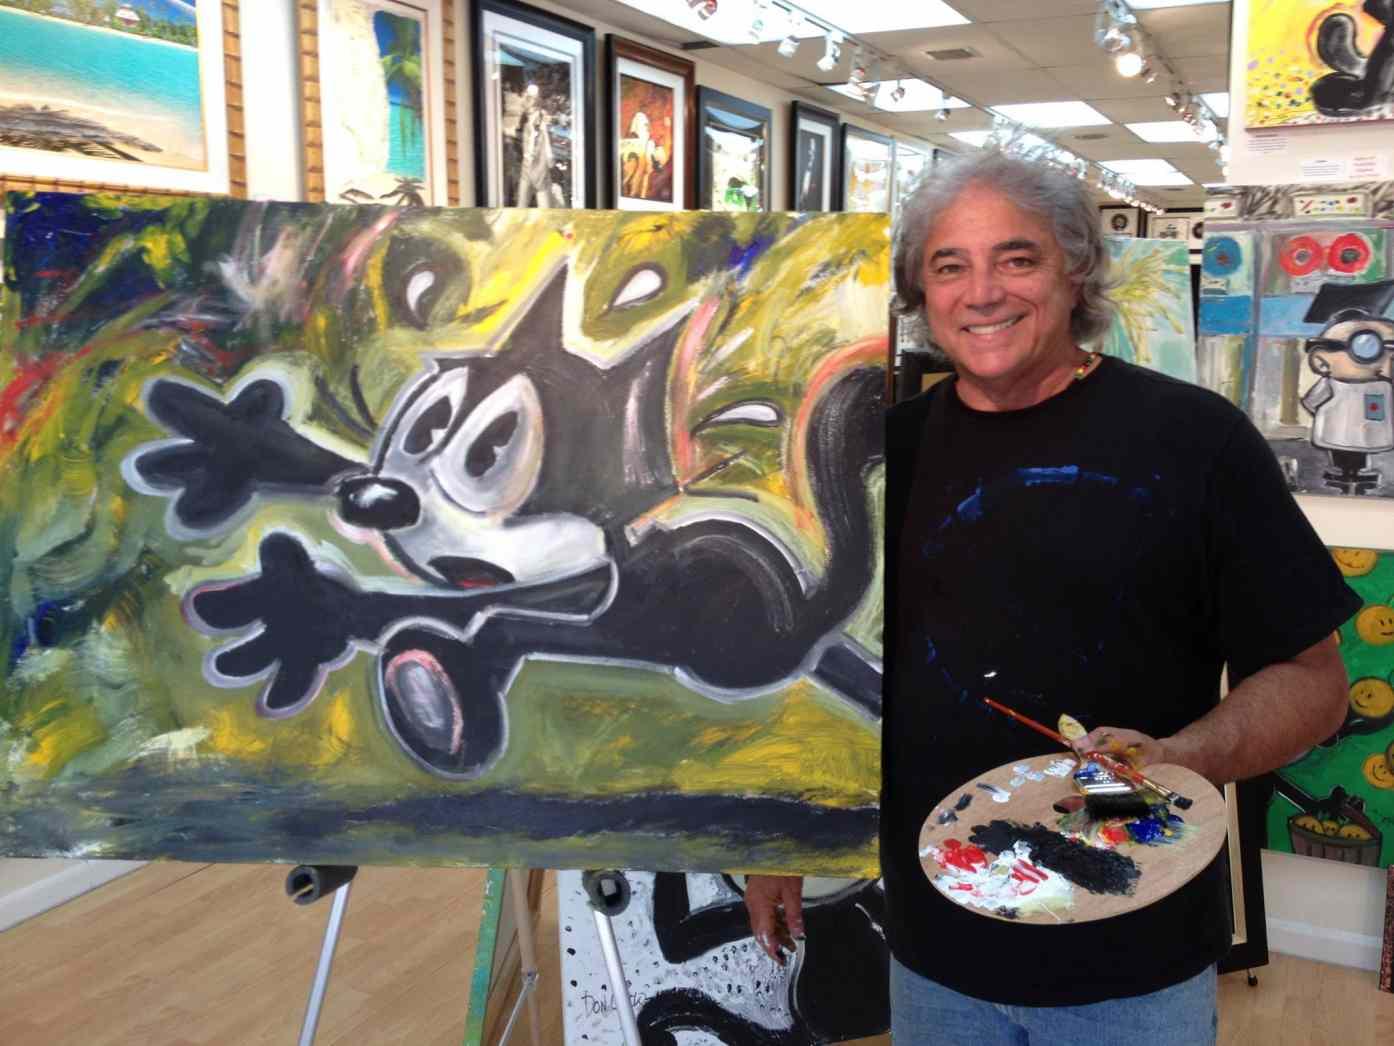 Author Don Oriolo Cartoon Animator For Felix The Cat